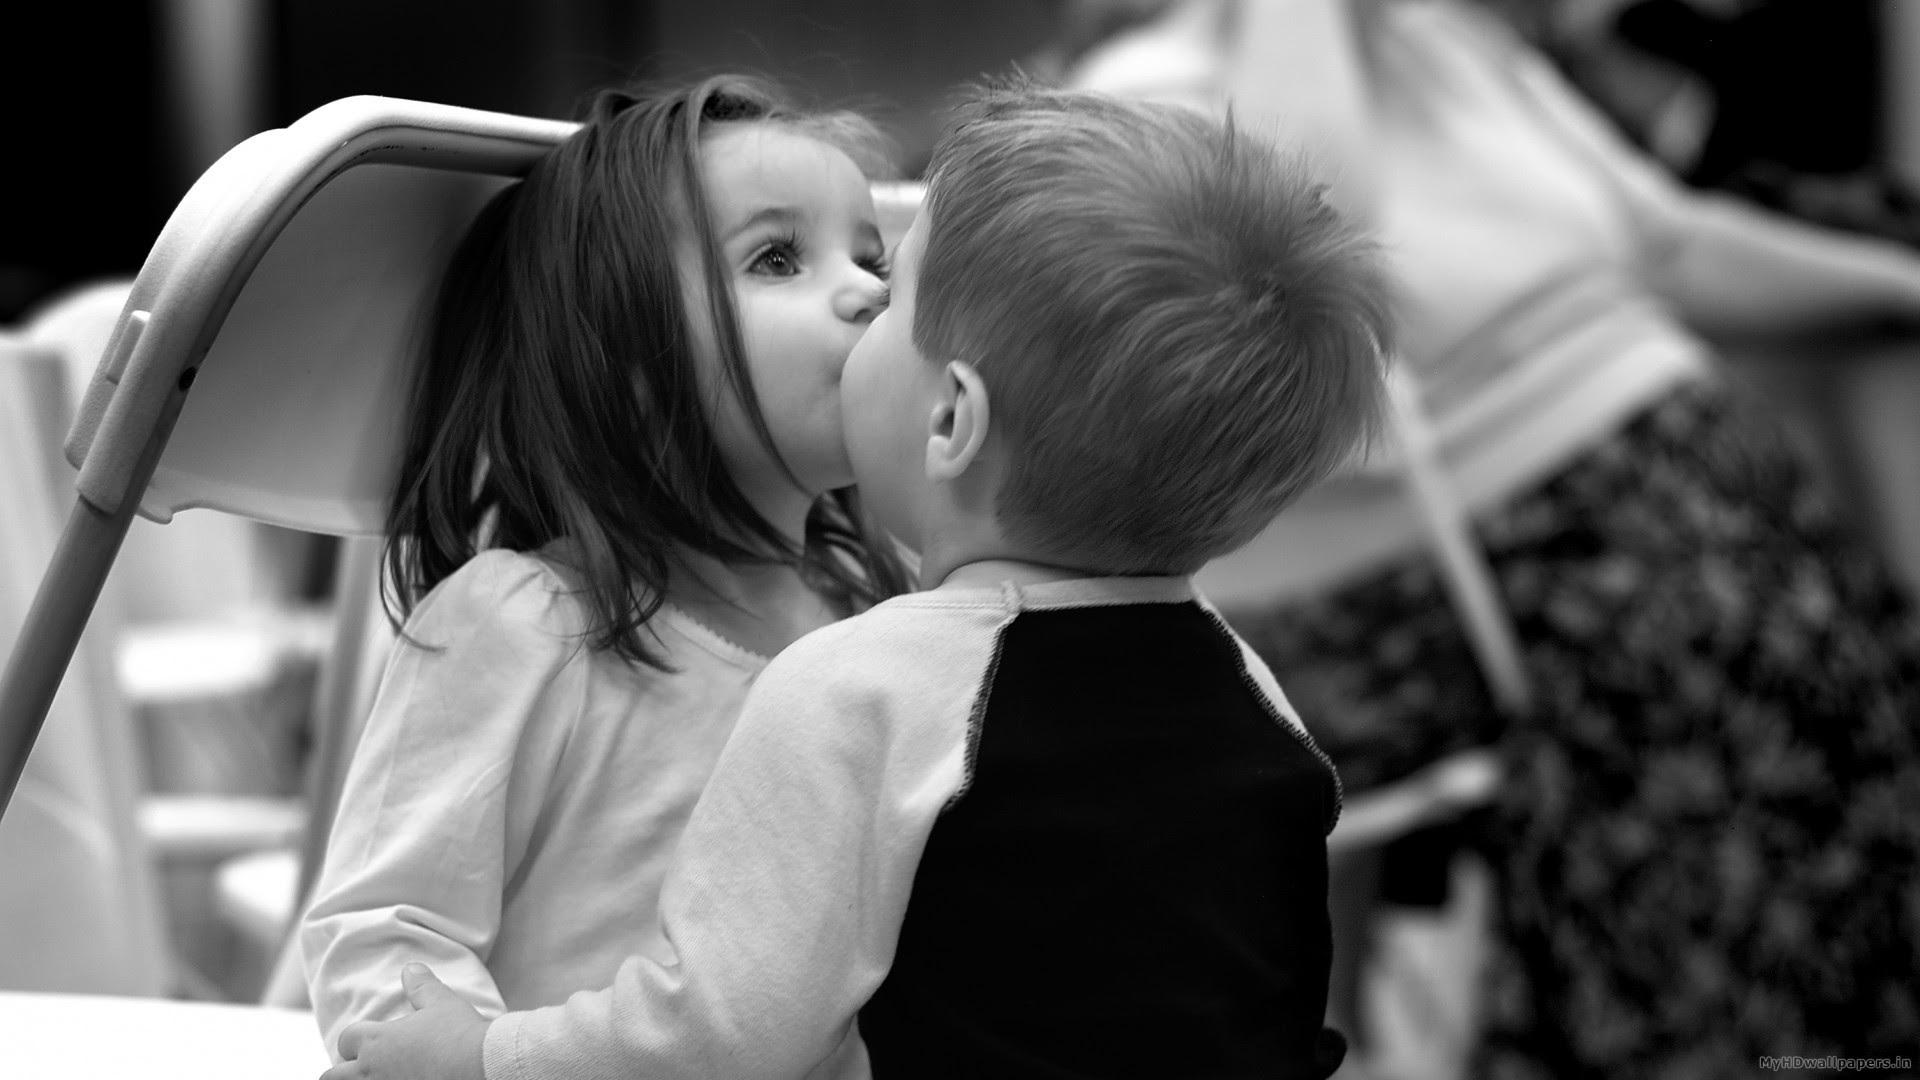 850+ Love Romantic Kiss Cute Wallpaper HD Terbaik